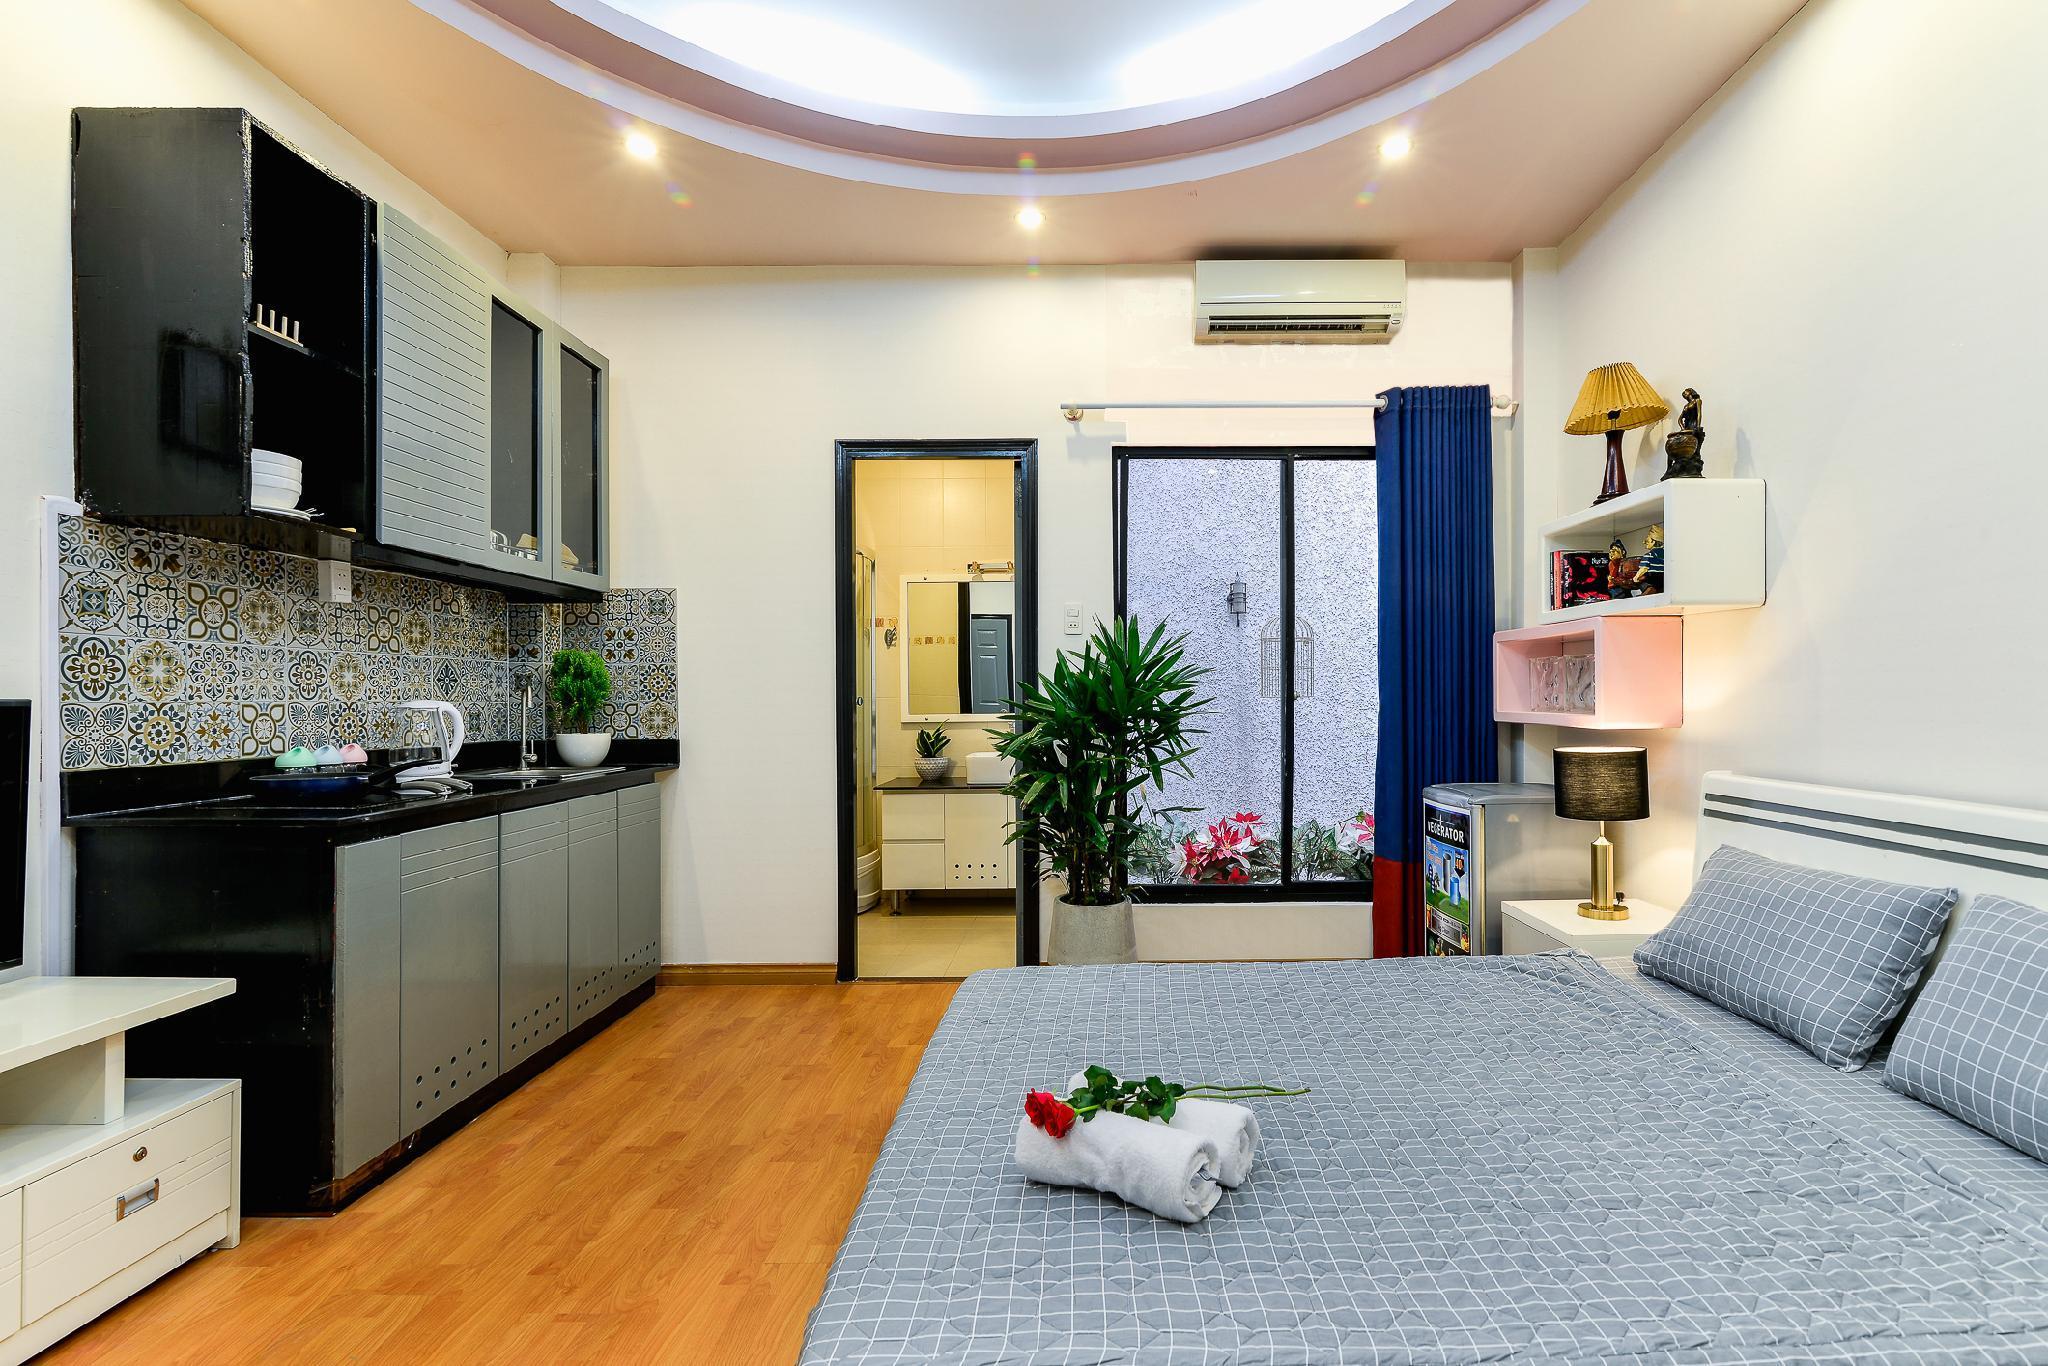 HCMC Inner Garden Budget Studio 5min To BuiVien 2